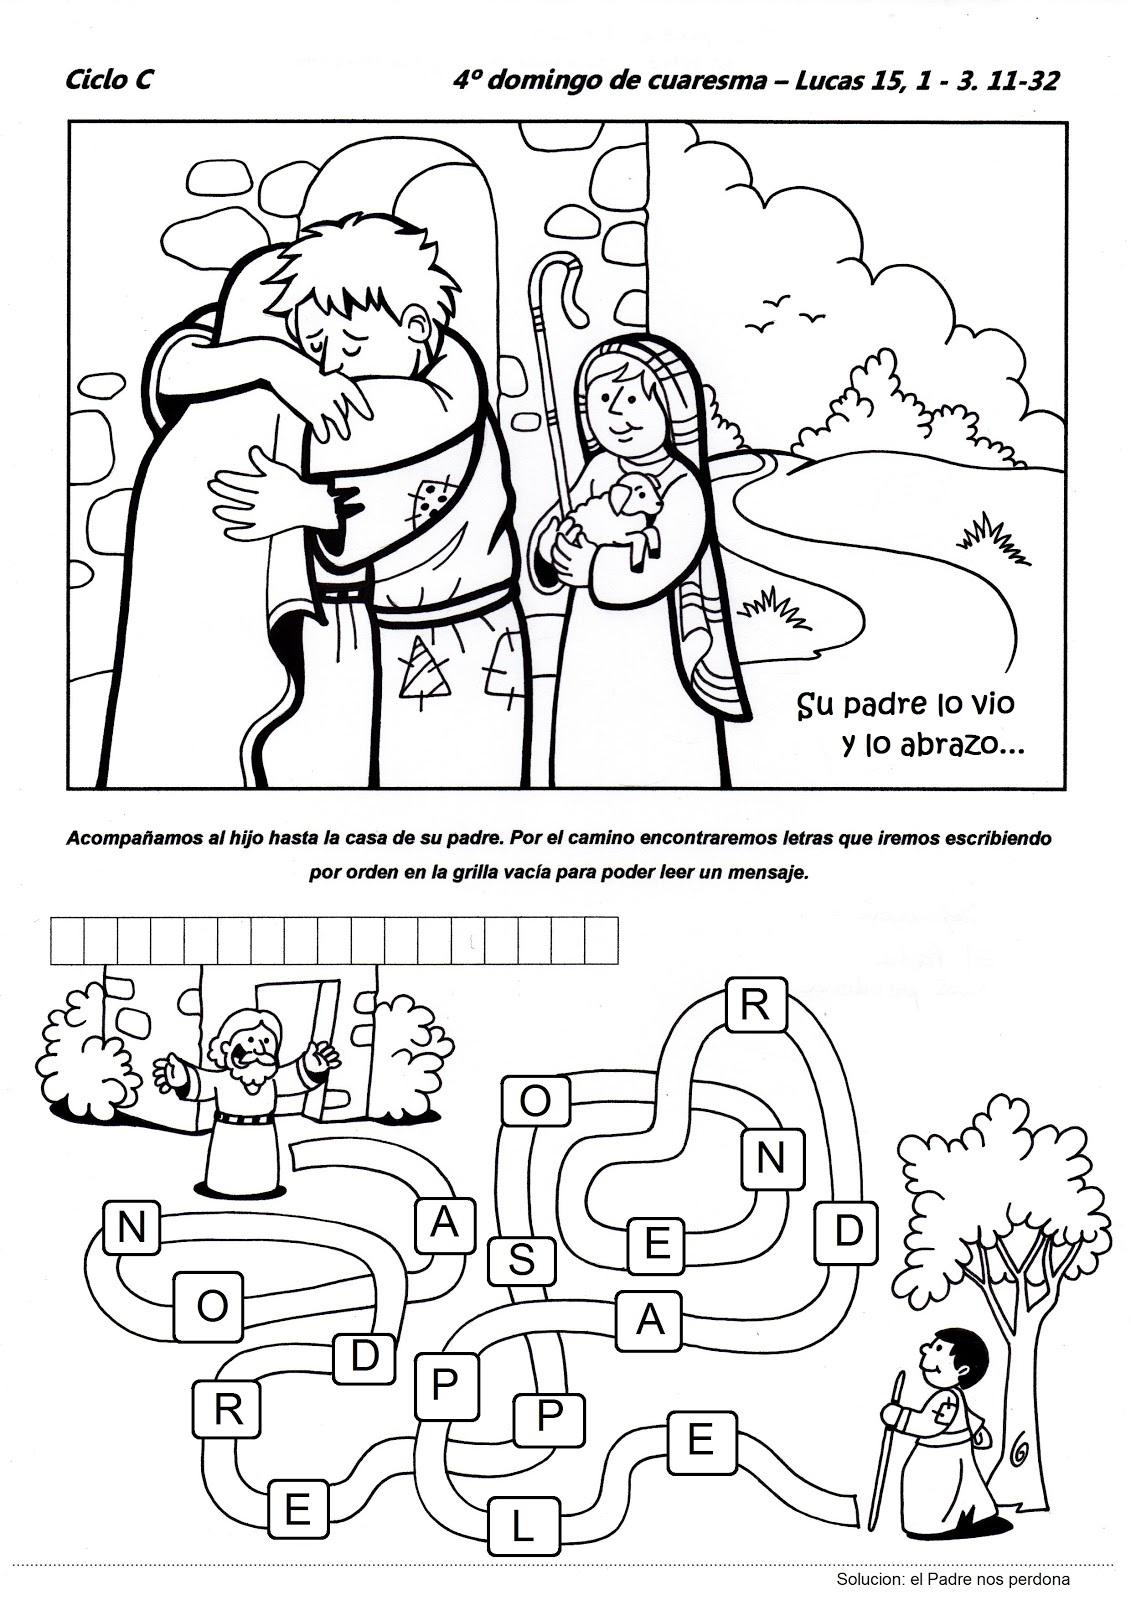 Asombroso Lds Para Colorear Jesus Como Un Niño Regalo - Dibujos Para ...